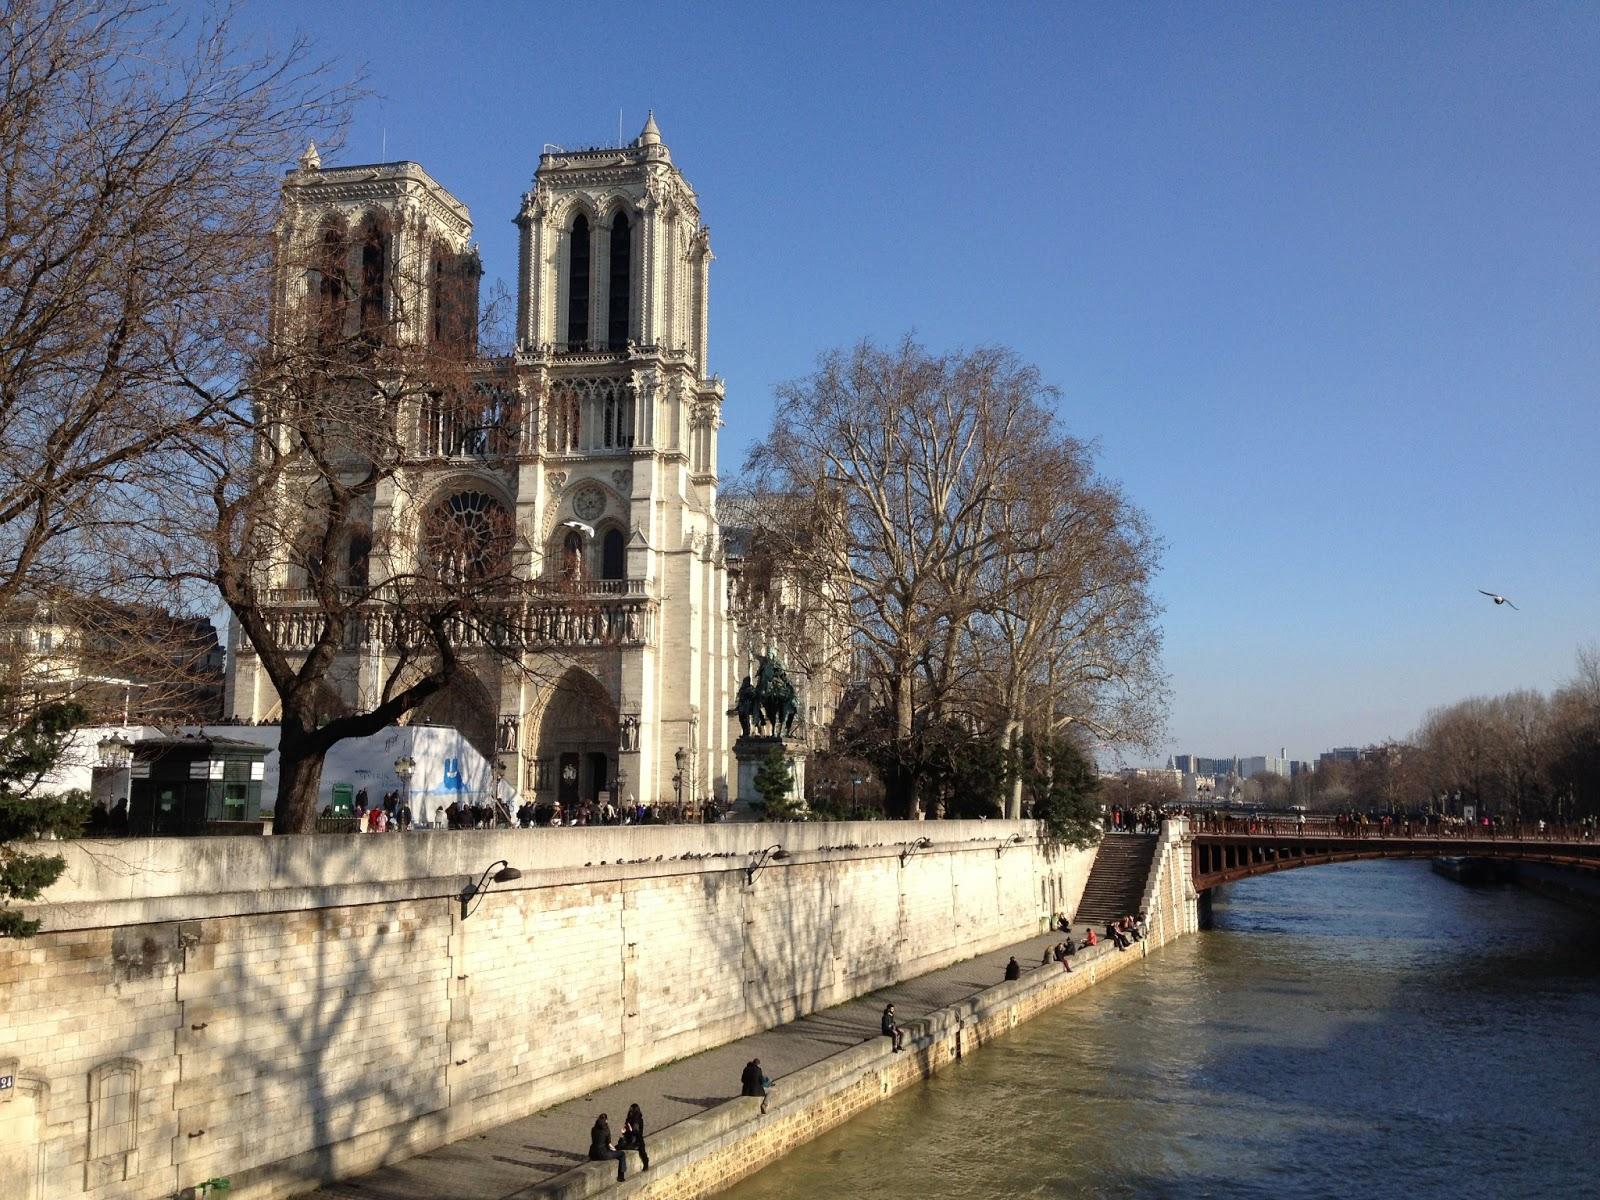 http://4.bp.blogspot.com/-9vC5z0ke2pA/UcYyl5gGn-I/AAAAAAAABkI/mBO_nr1PeLQ/s1600/paris.jpg